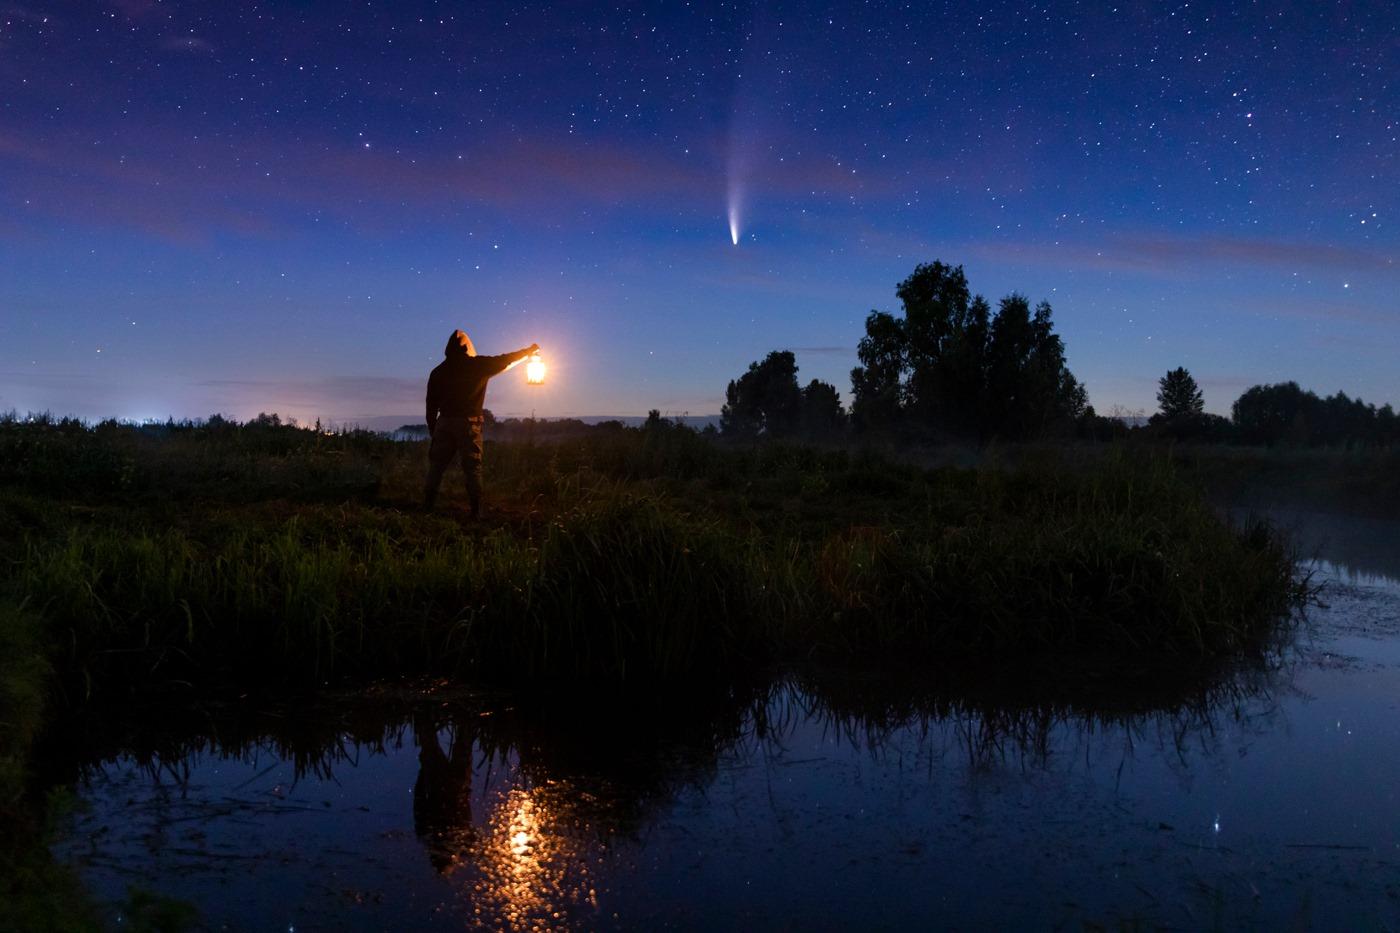 25. Комета C/2020 F3 (NEOWISE) – не та ли звезда, о которой говорит Иоанн Богослов?